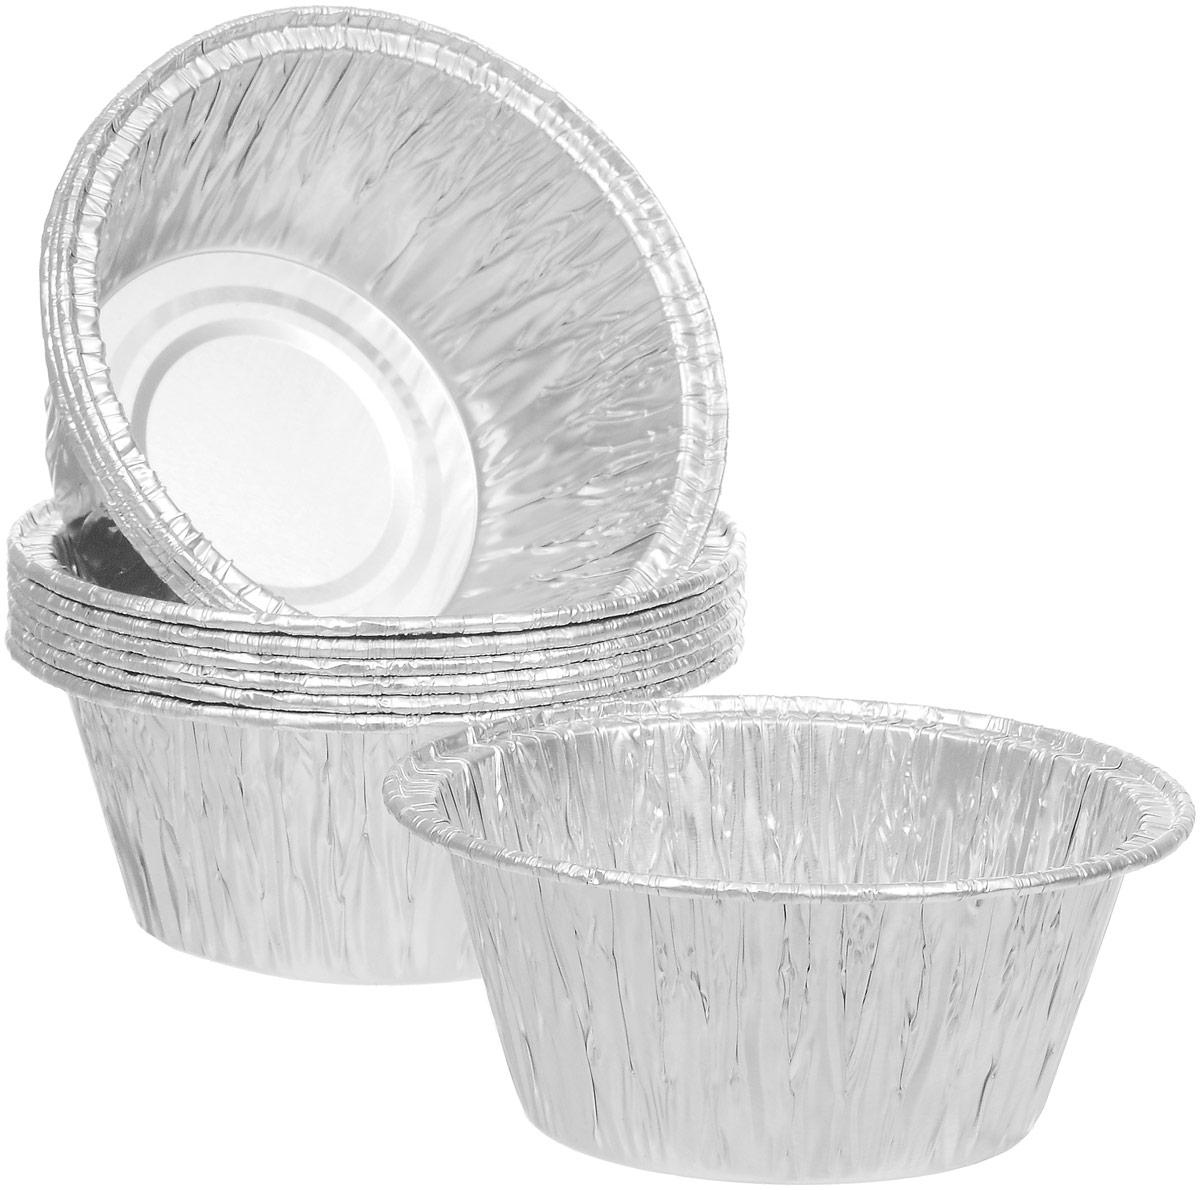 Форма для выпечки Paterra, 5,5 х 7,5 х 7,5 см, 10 шт402-422Формы для выпечки Paterra изготовлены из алюминия. Пища в таких формах не пригорает и не прилипает к стенкам, готовое блюдо легко вынимается. Изделия прекрасно подойдут для выпечки и запекания, а также для замораживания. Такие формы станут полезным приобретением для вашей кухни. Формы выдерживают любые температурные режимы духовых шкафов. Размер формы: 5,5 х 7,5 х 7,5 см.Объем формы: 130 мл.